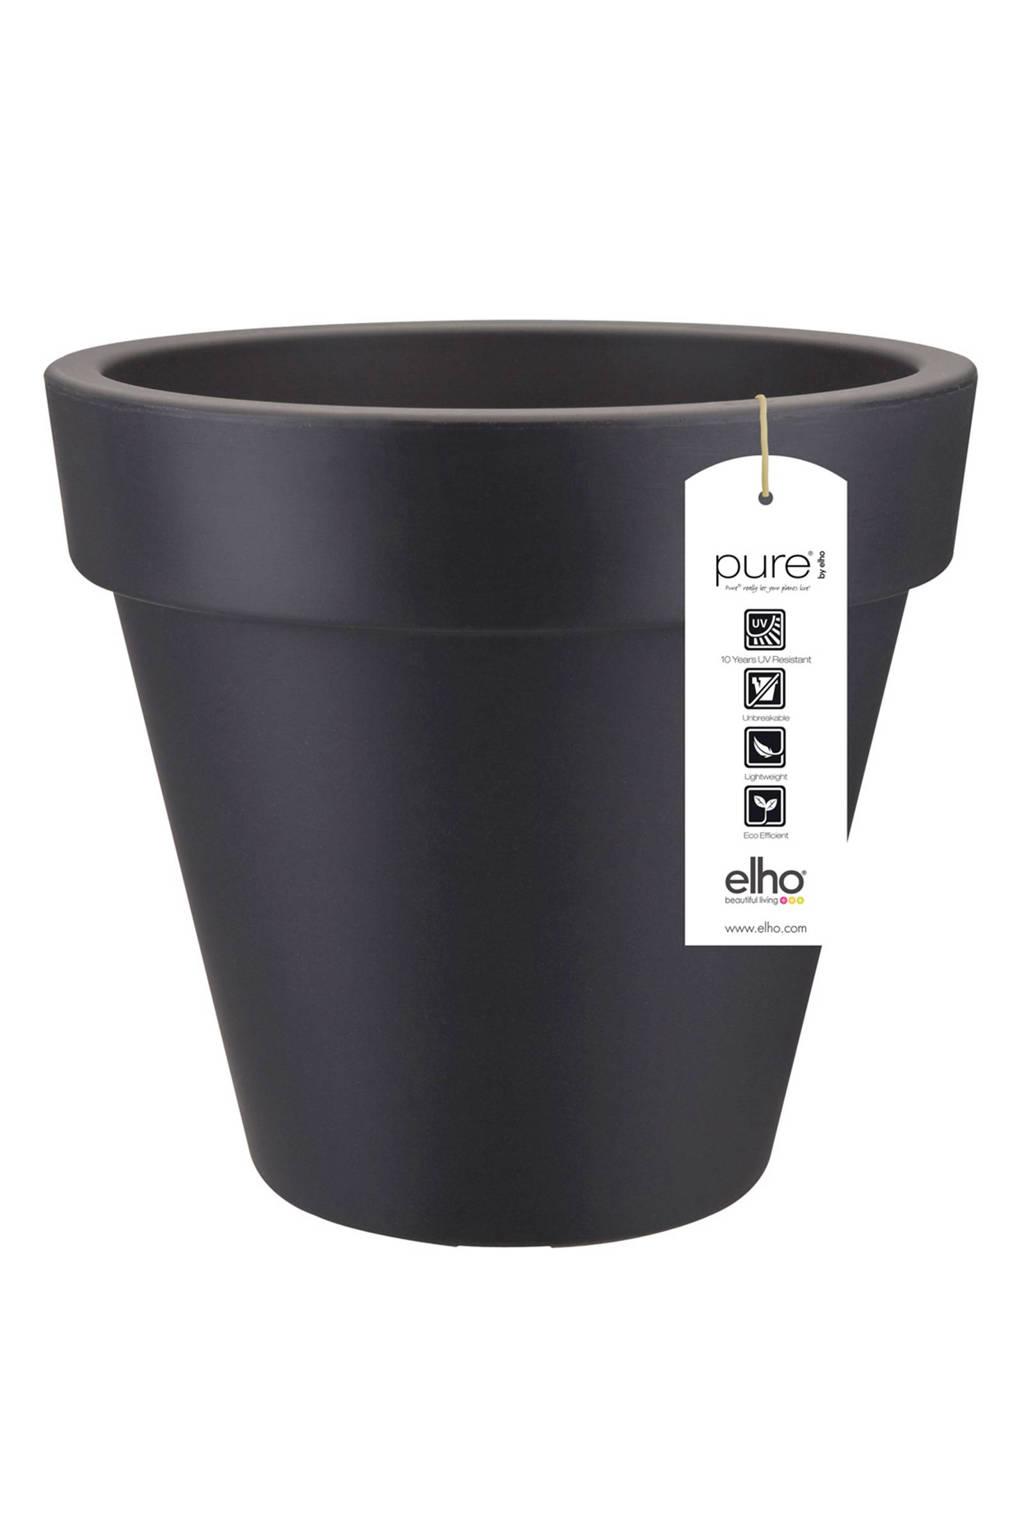 Elho bloempot pure round (ø60 cm), Antractiet